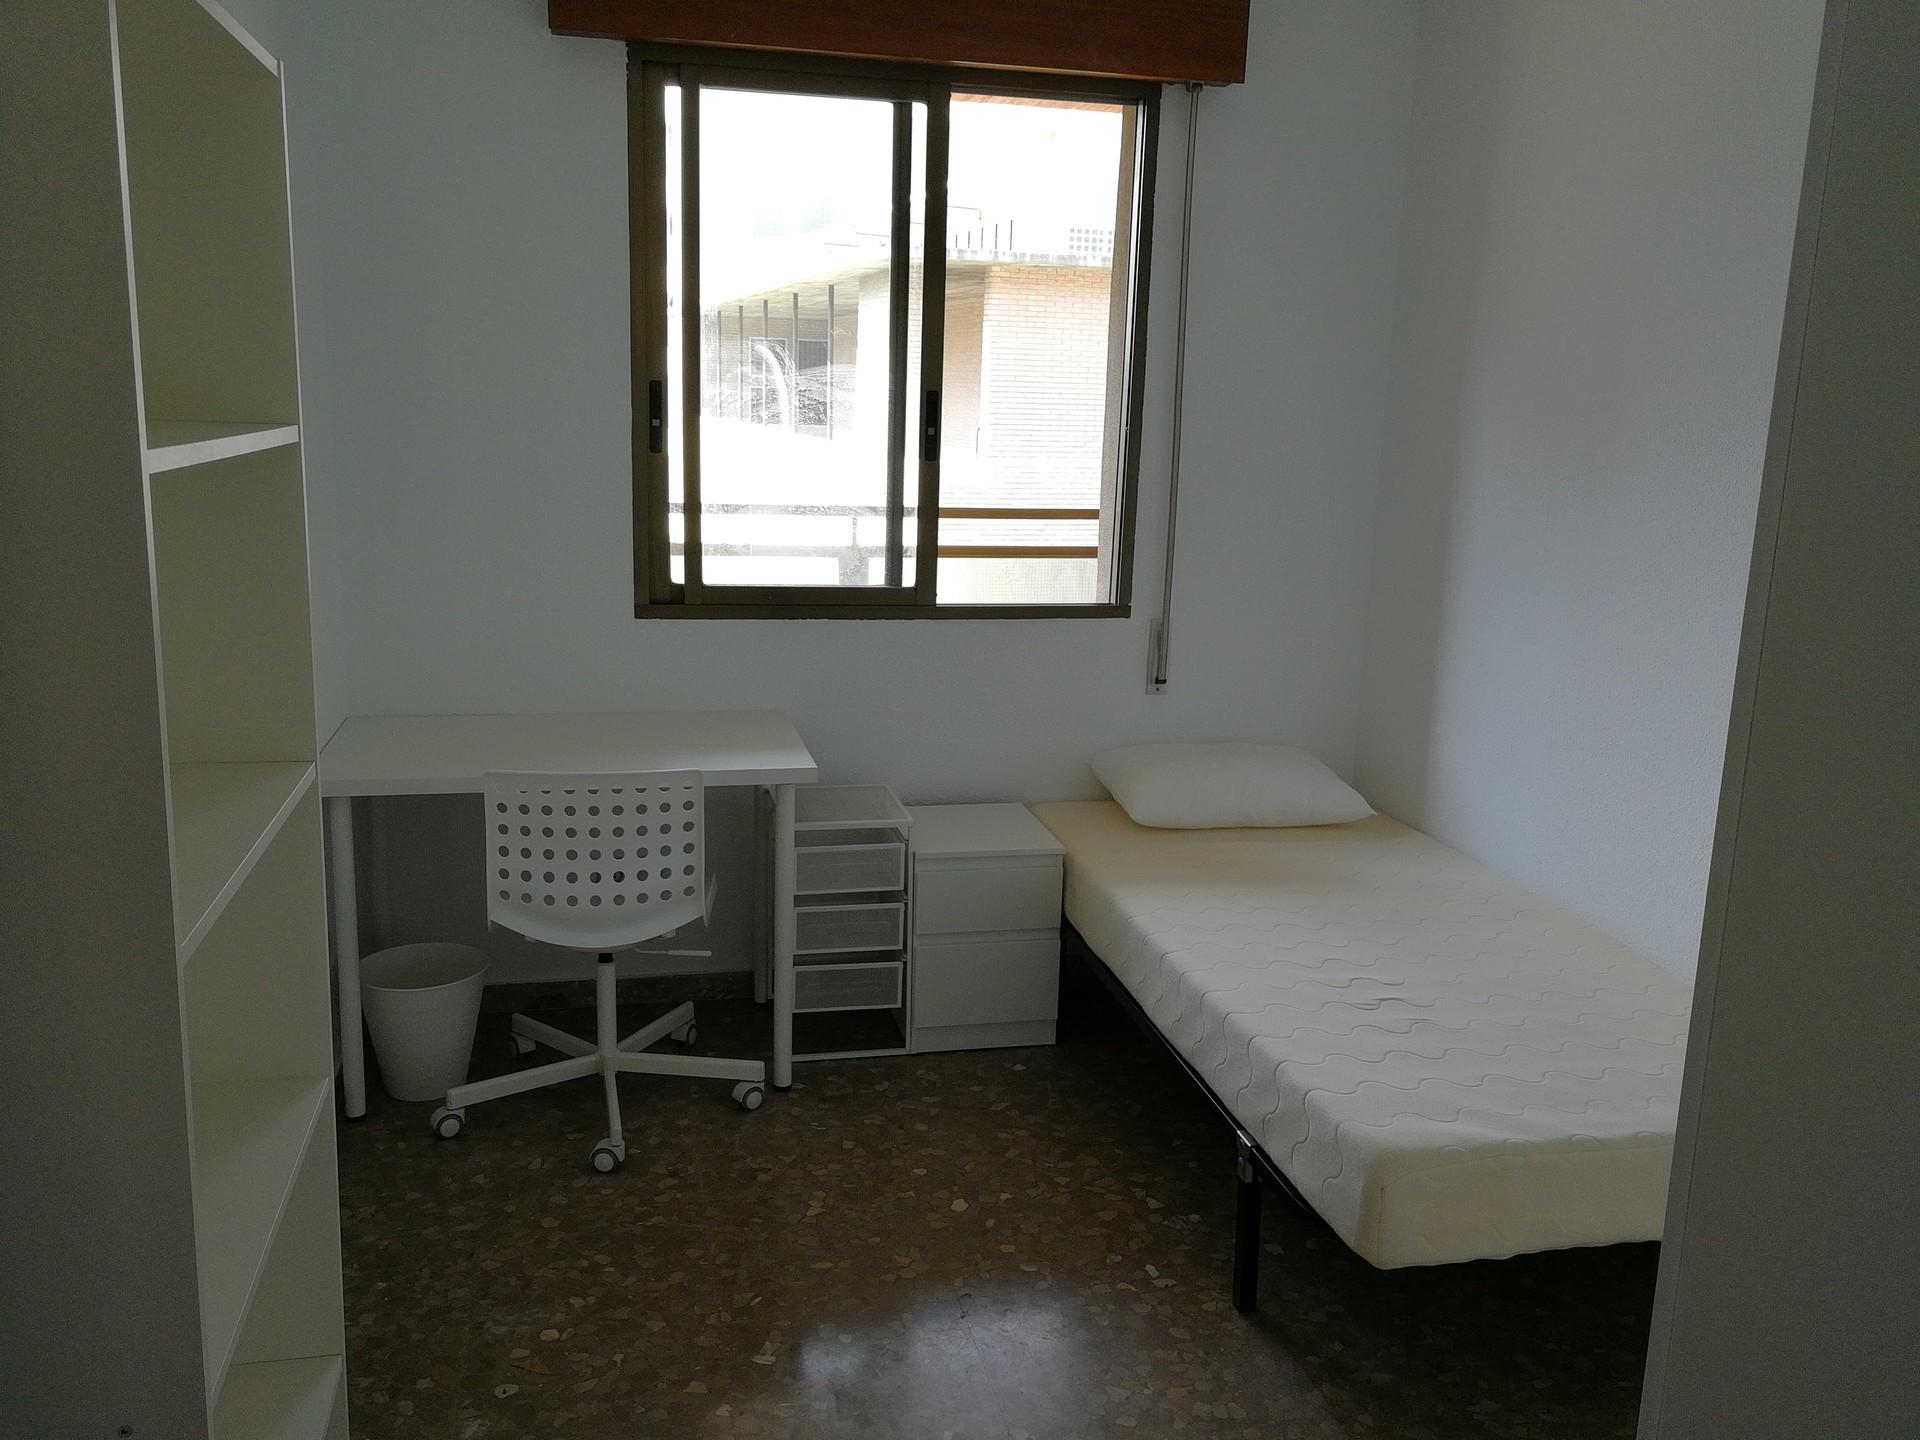 Habitacion individual en el centro de almeria con